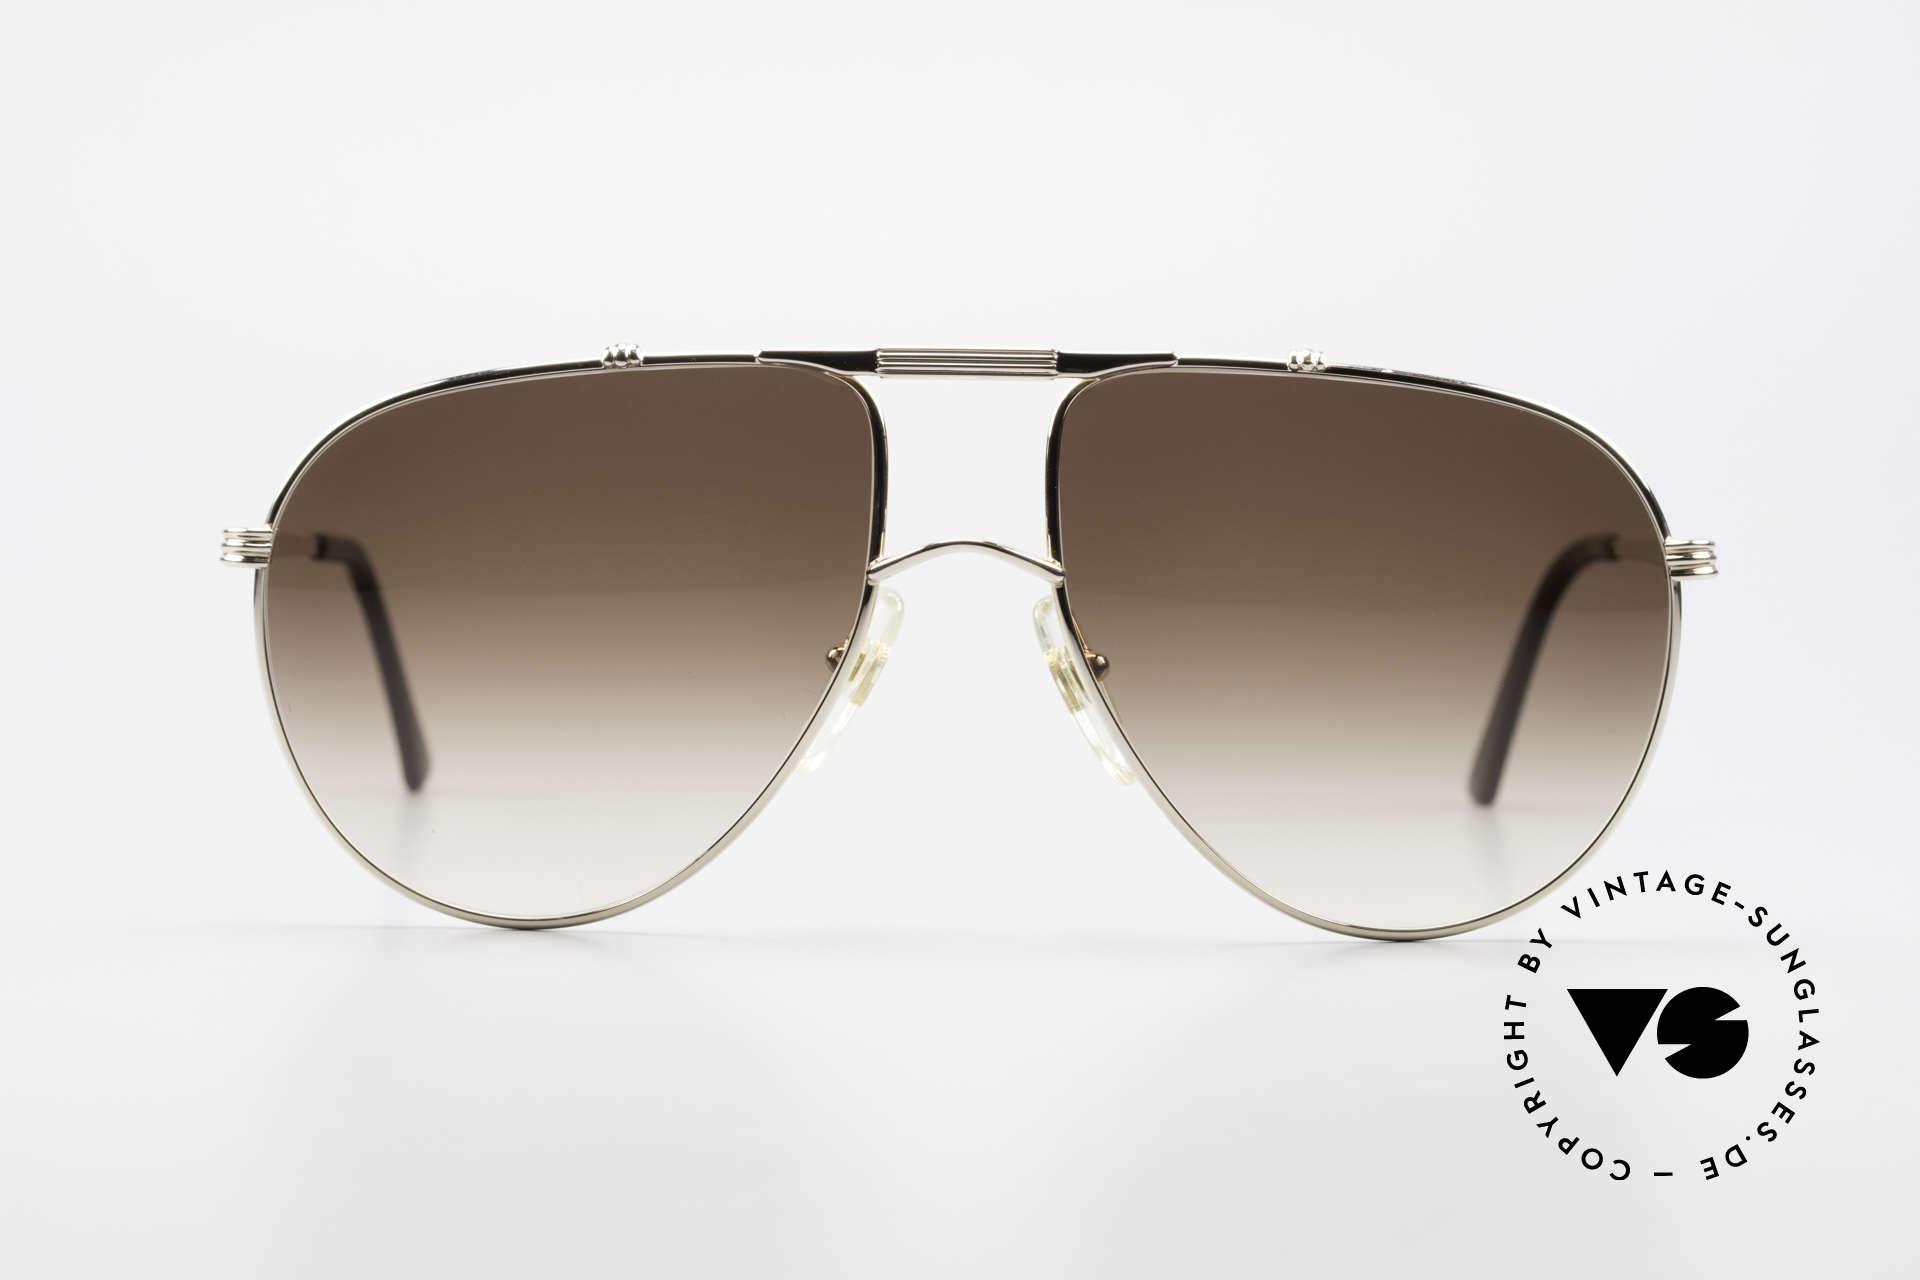 Christian Dior 2248 XL 80er Herren Sonnenbrille, edle Designer-Fassung von 1984; authentisch vintage!, Passend für Herren